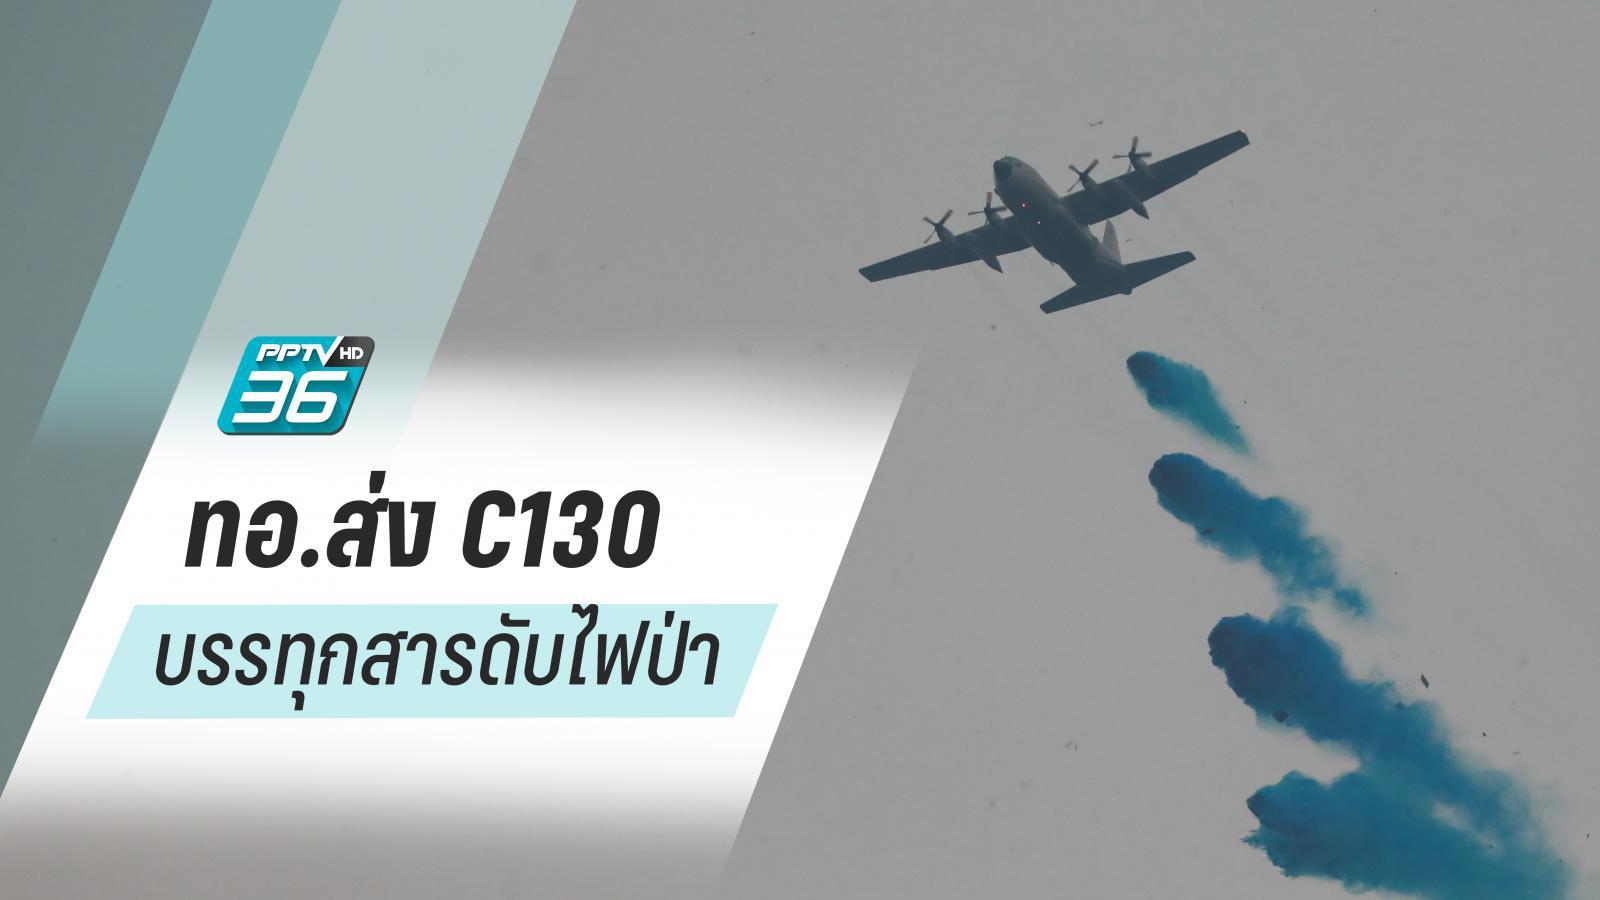 กองทัพอากาศ ส่ง C130 บรรทุกสารดับไฟป่า ที่นครนายก